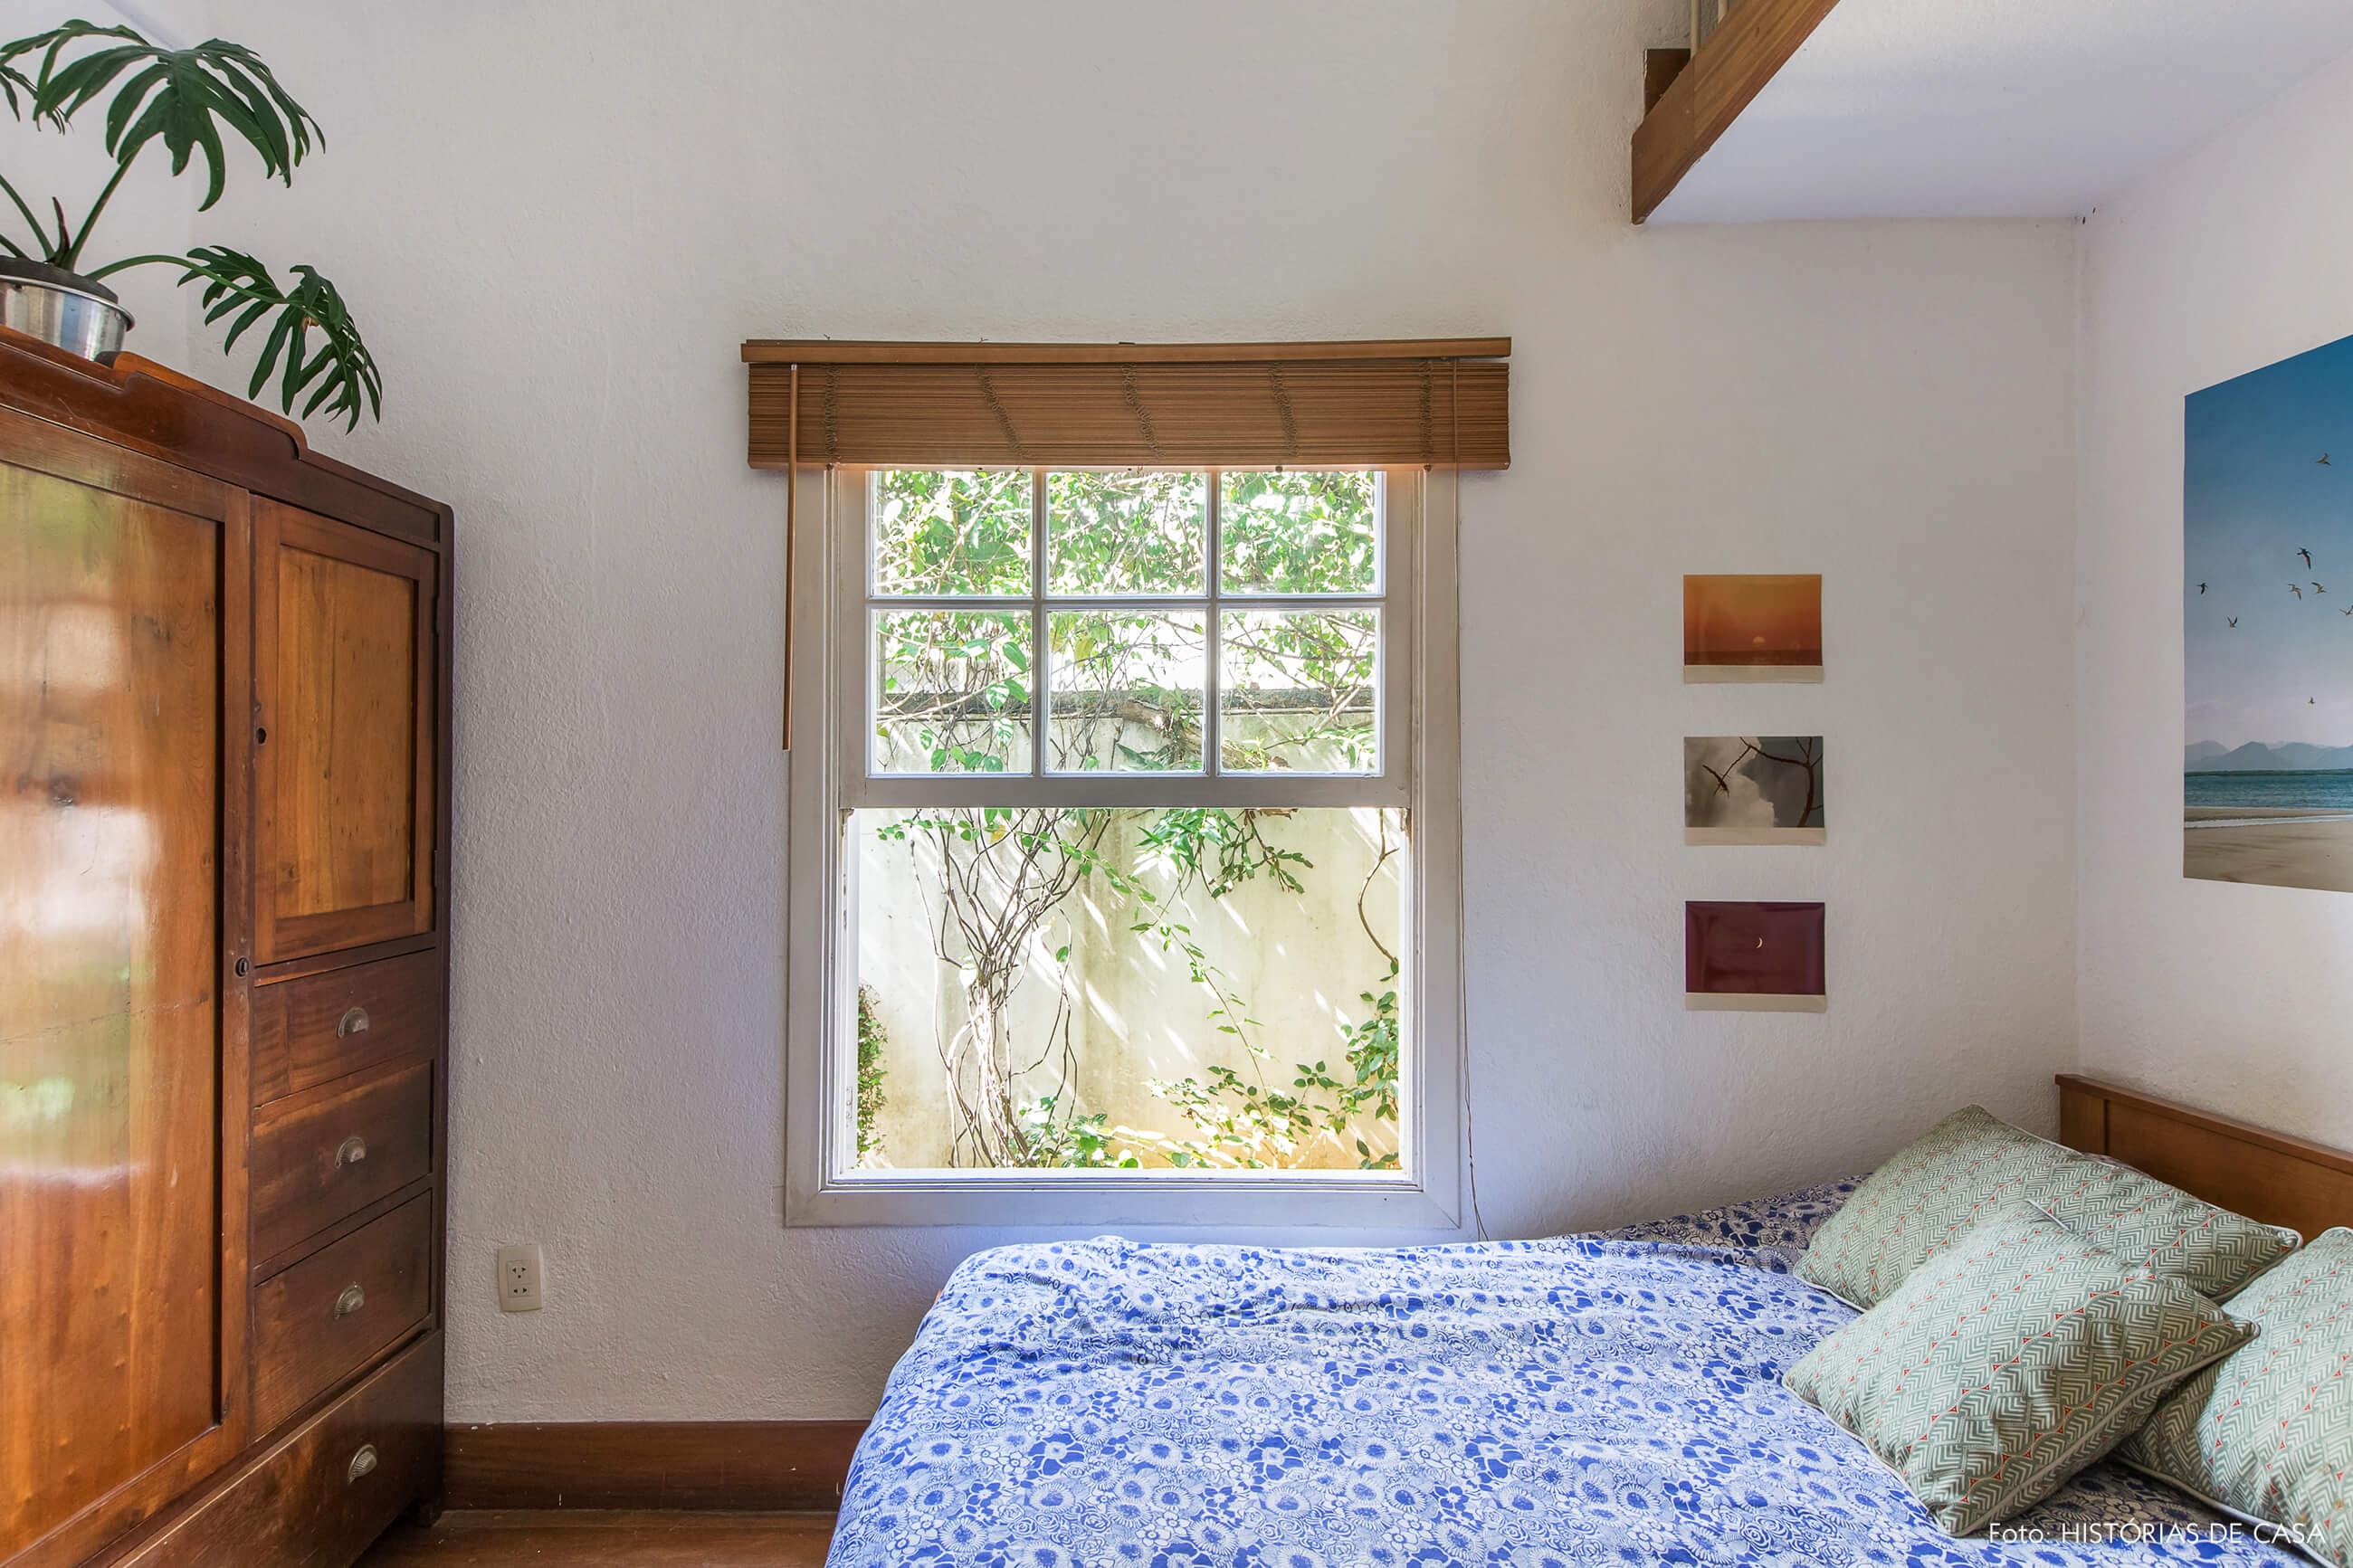 Quarto com janela para o jardim e armário antigo